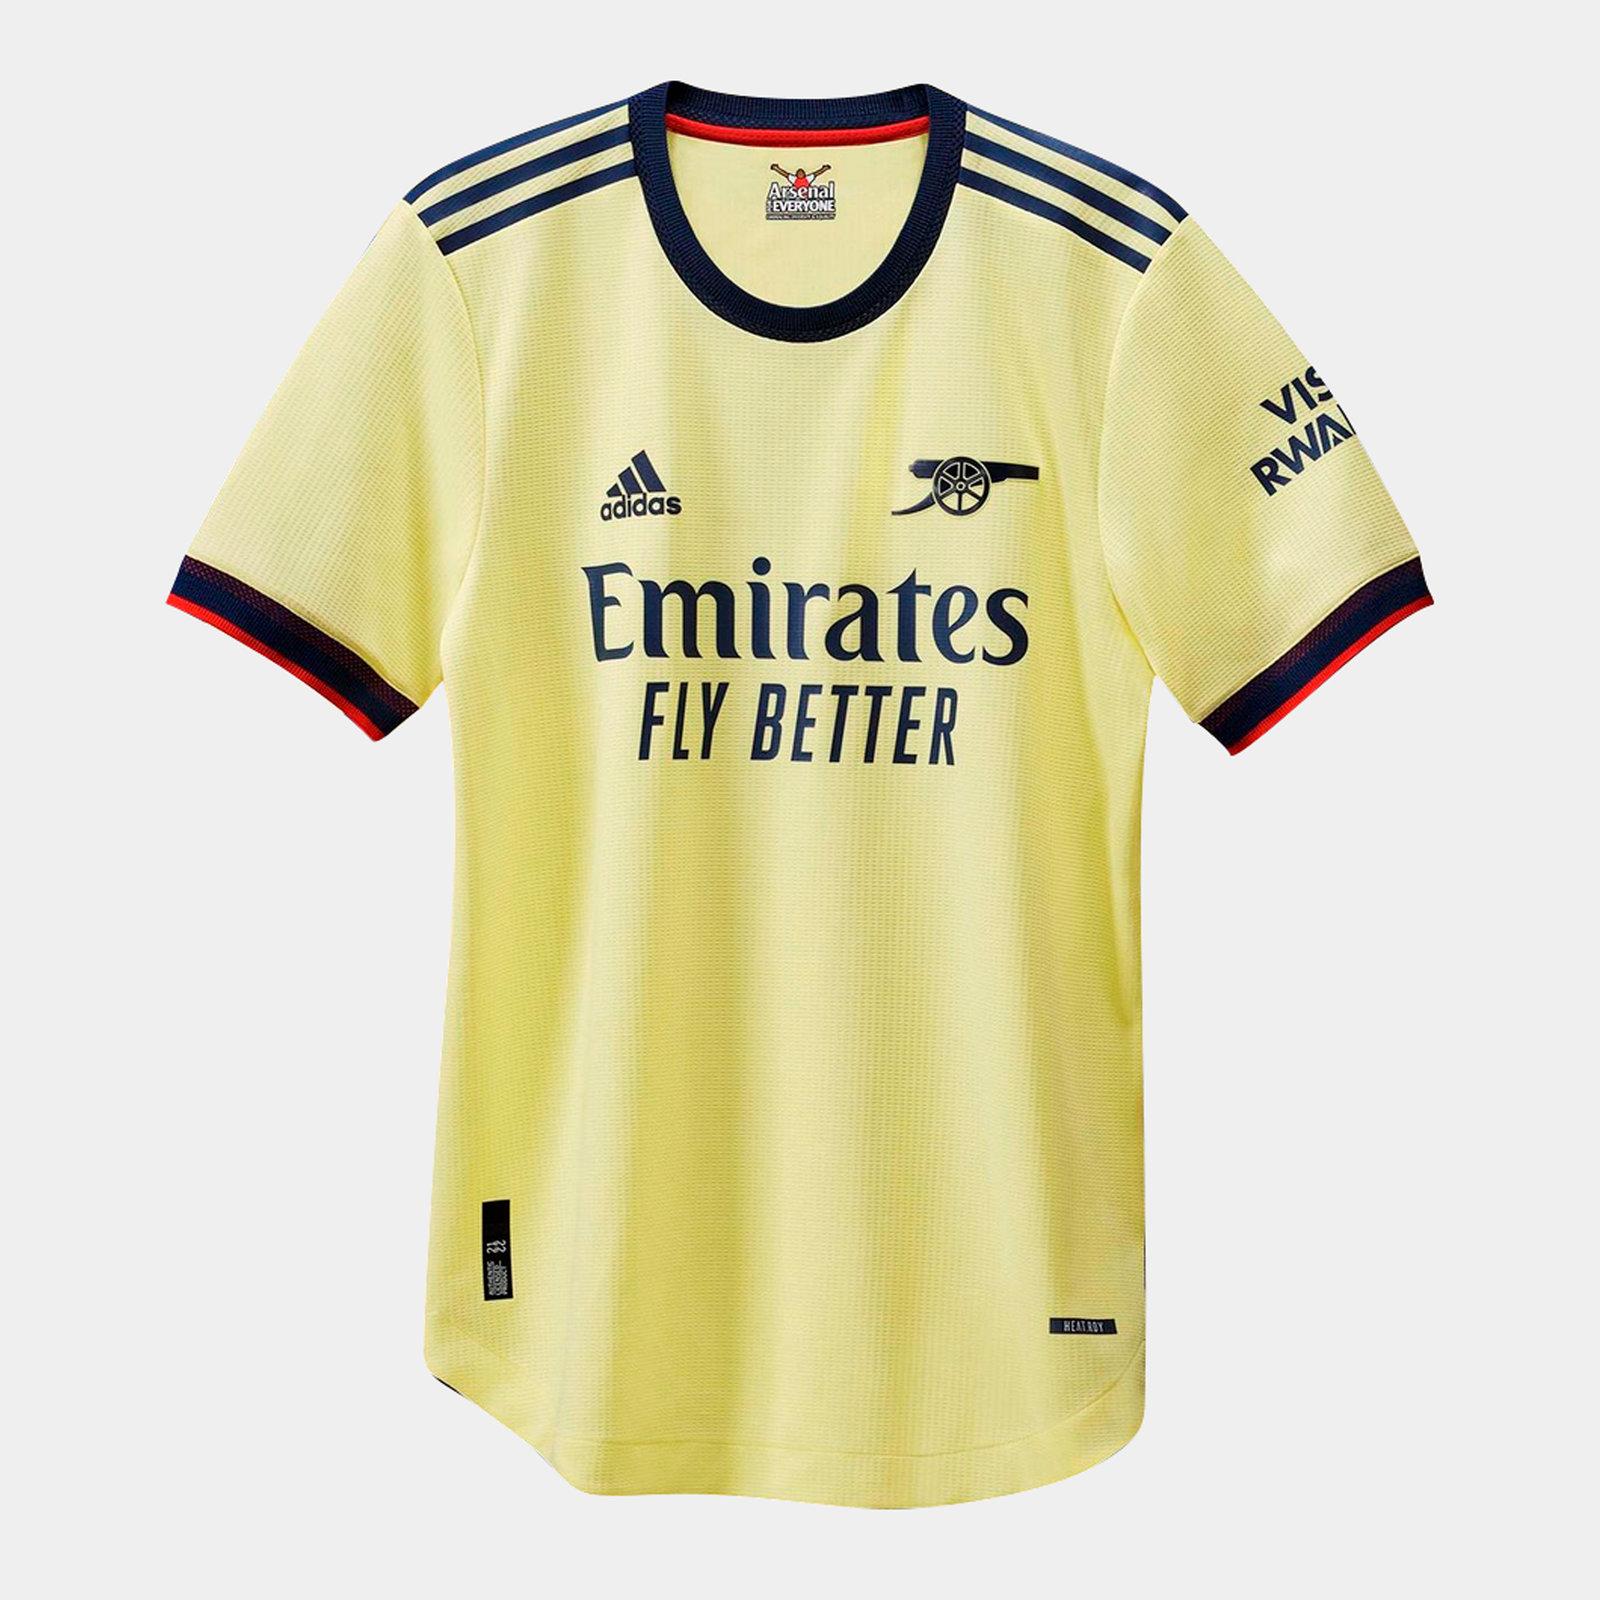 Arsenal Away shirt